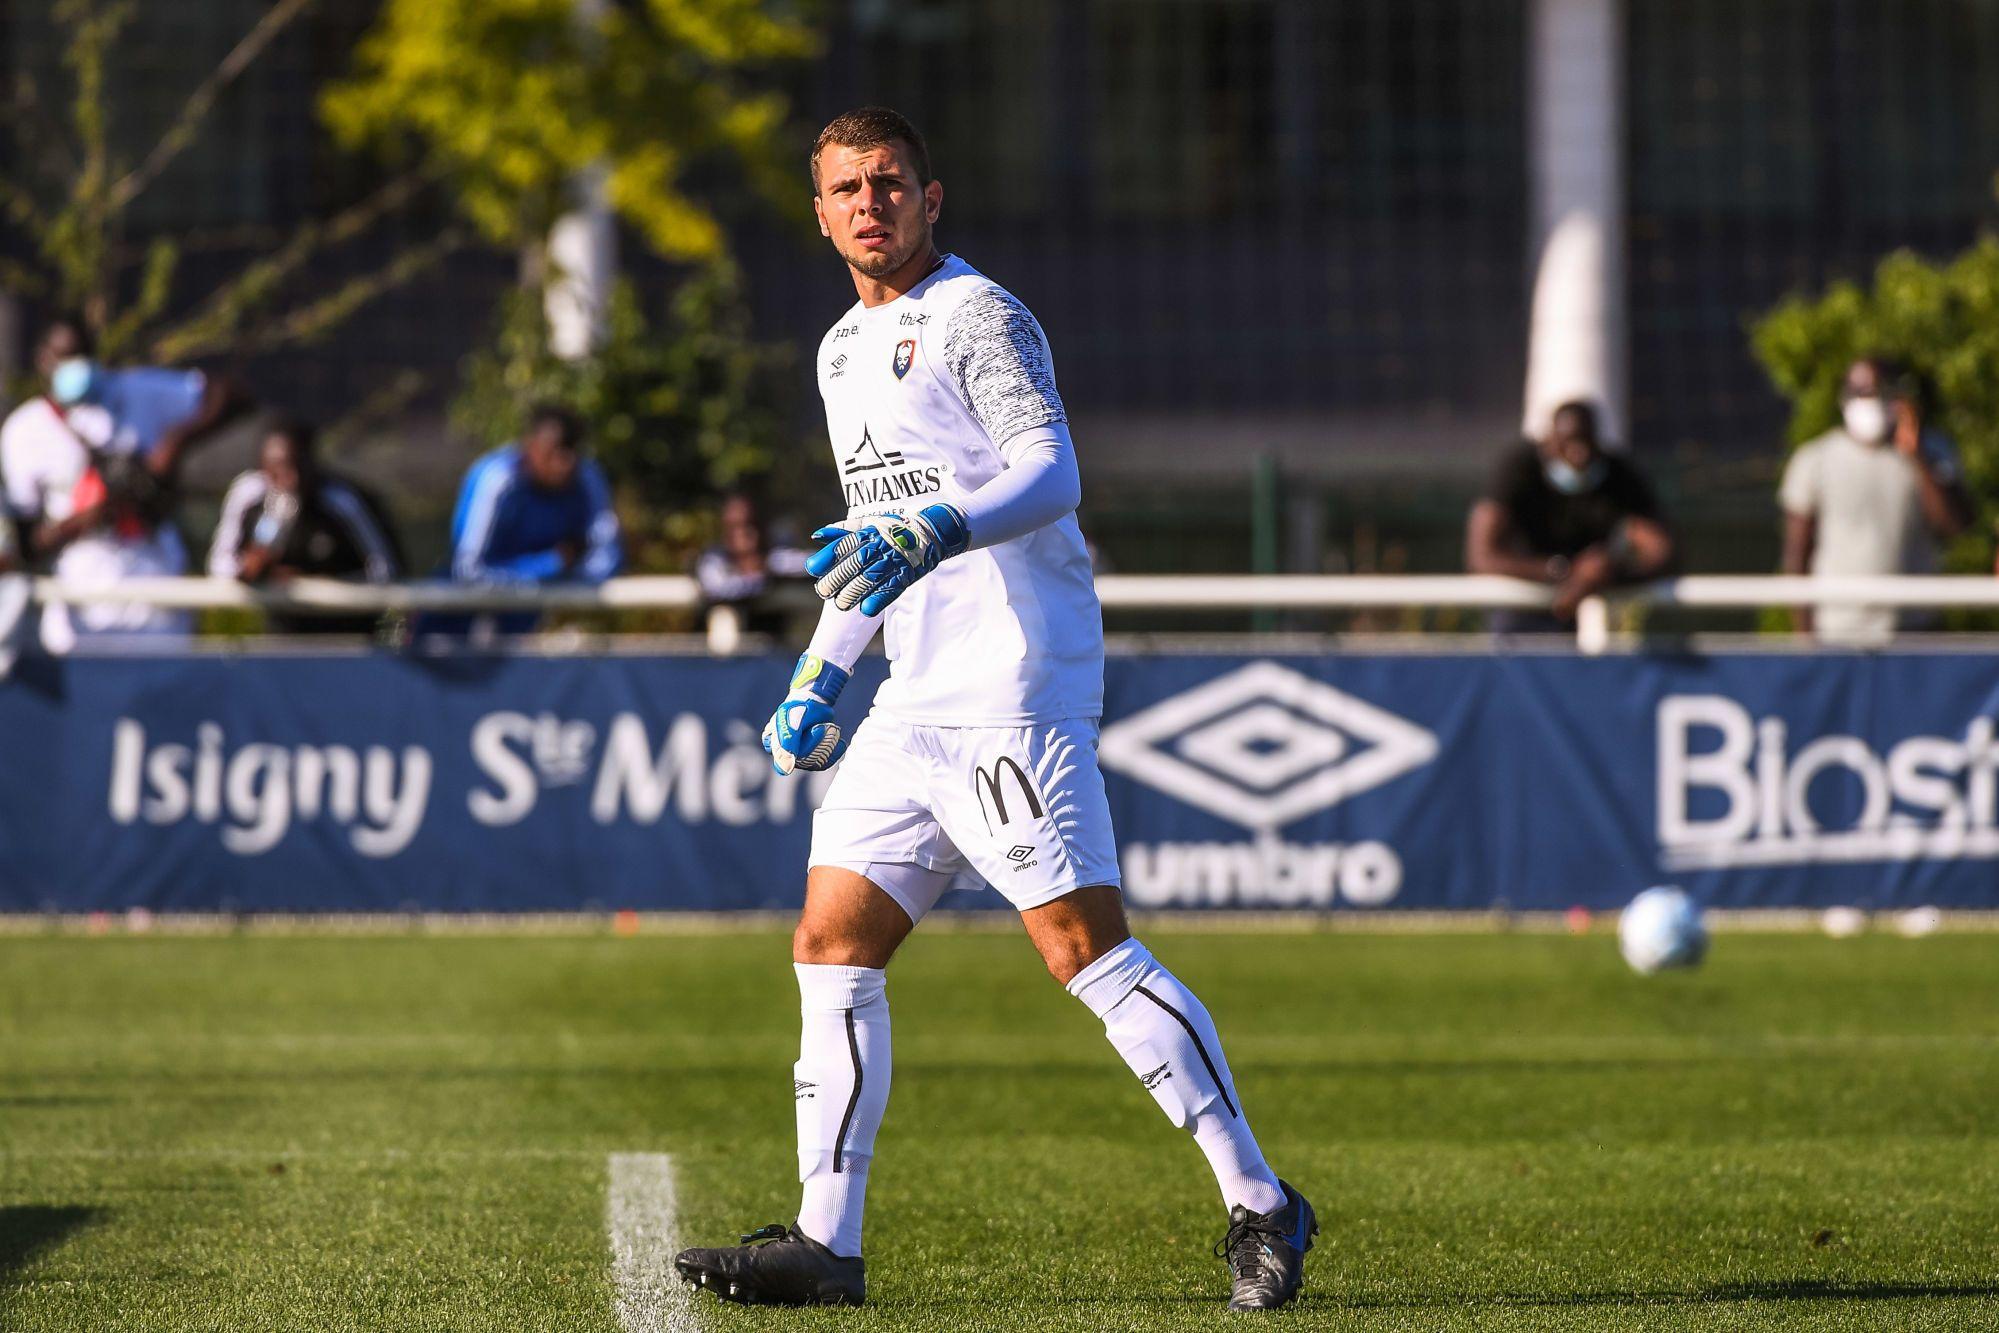 [Officiel] Thomas Callens s'engage avec le FC Lorient